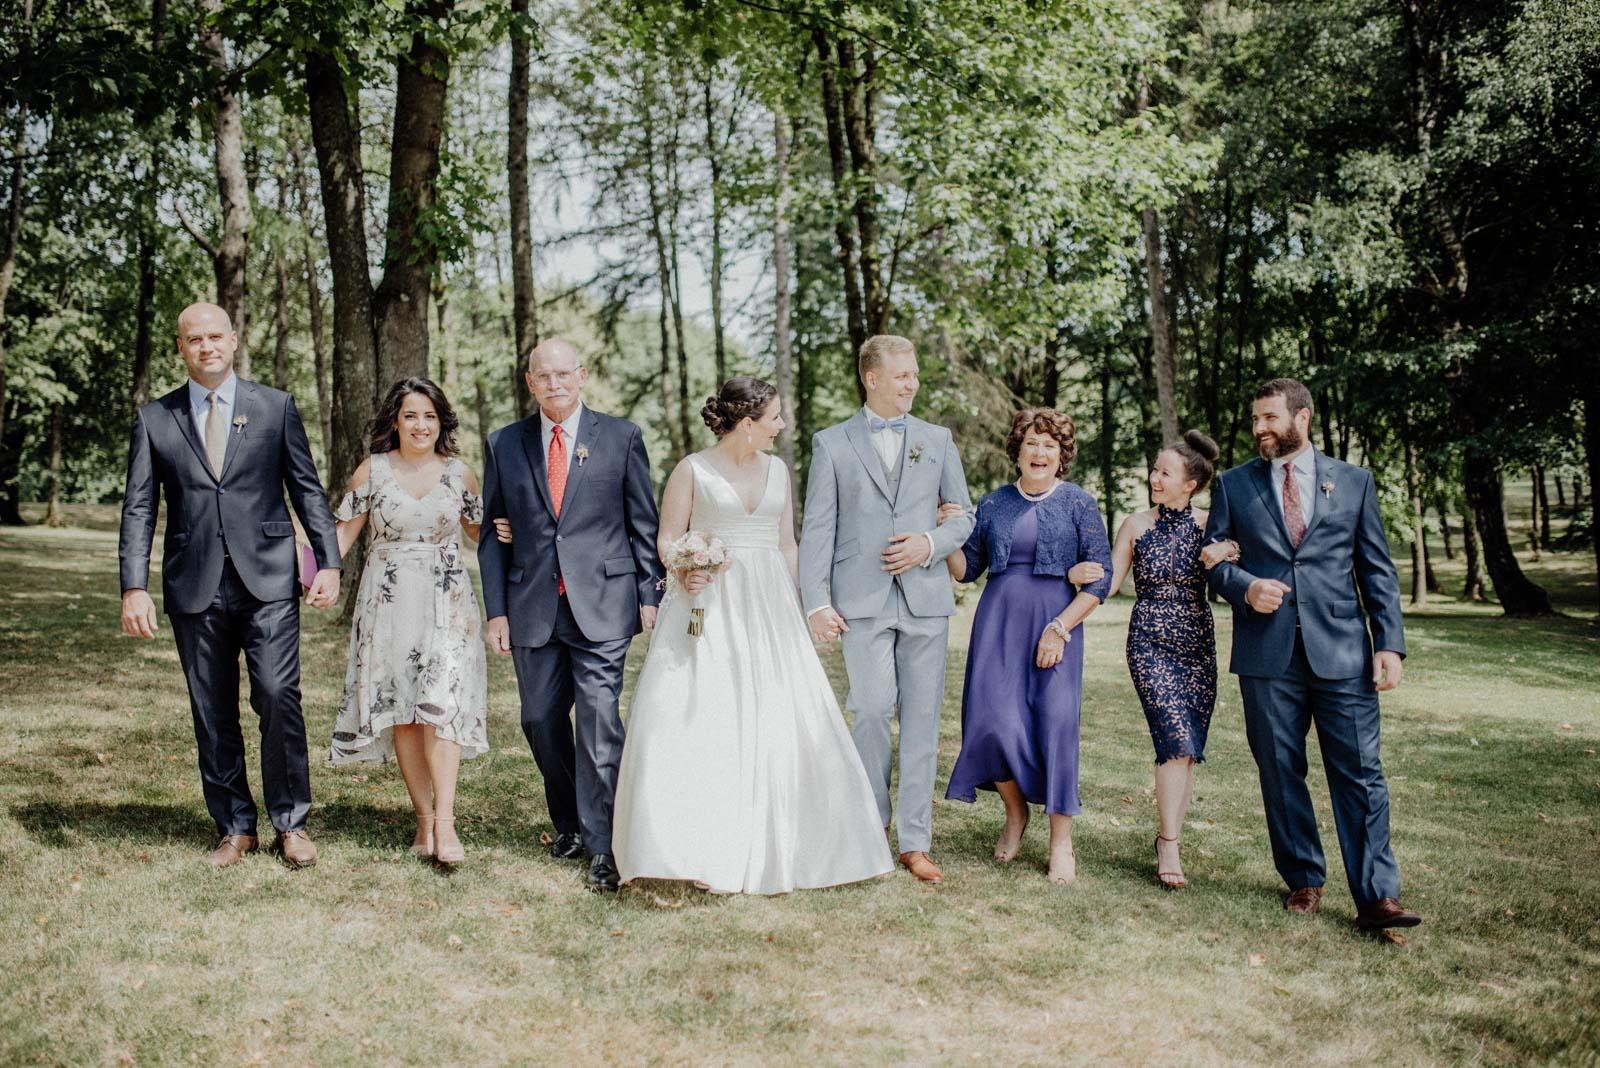 Lockere Familienfotos zur Hochzeit